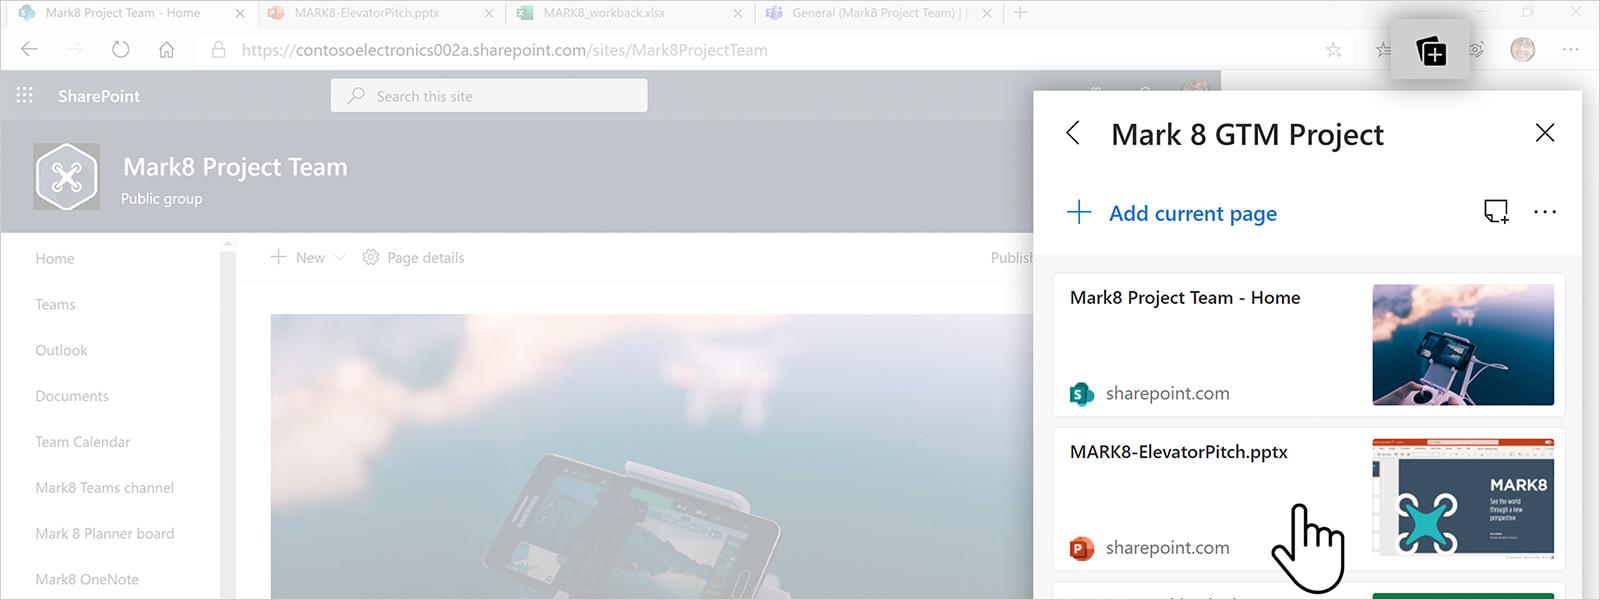 Captura de ecrã de uma página do browser Edge com o separador coleções aberto